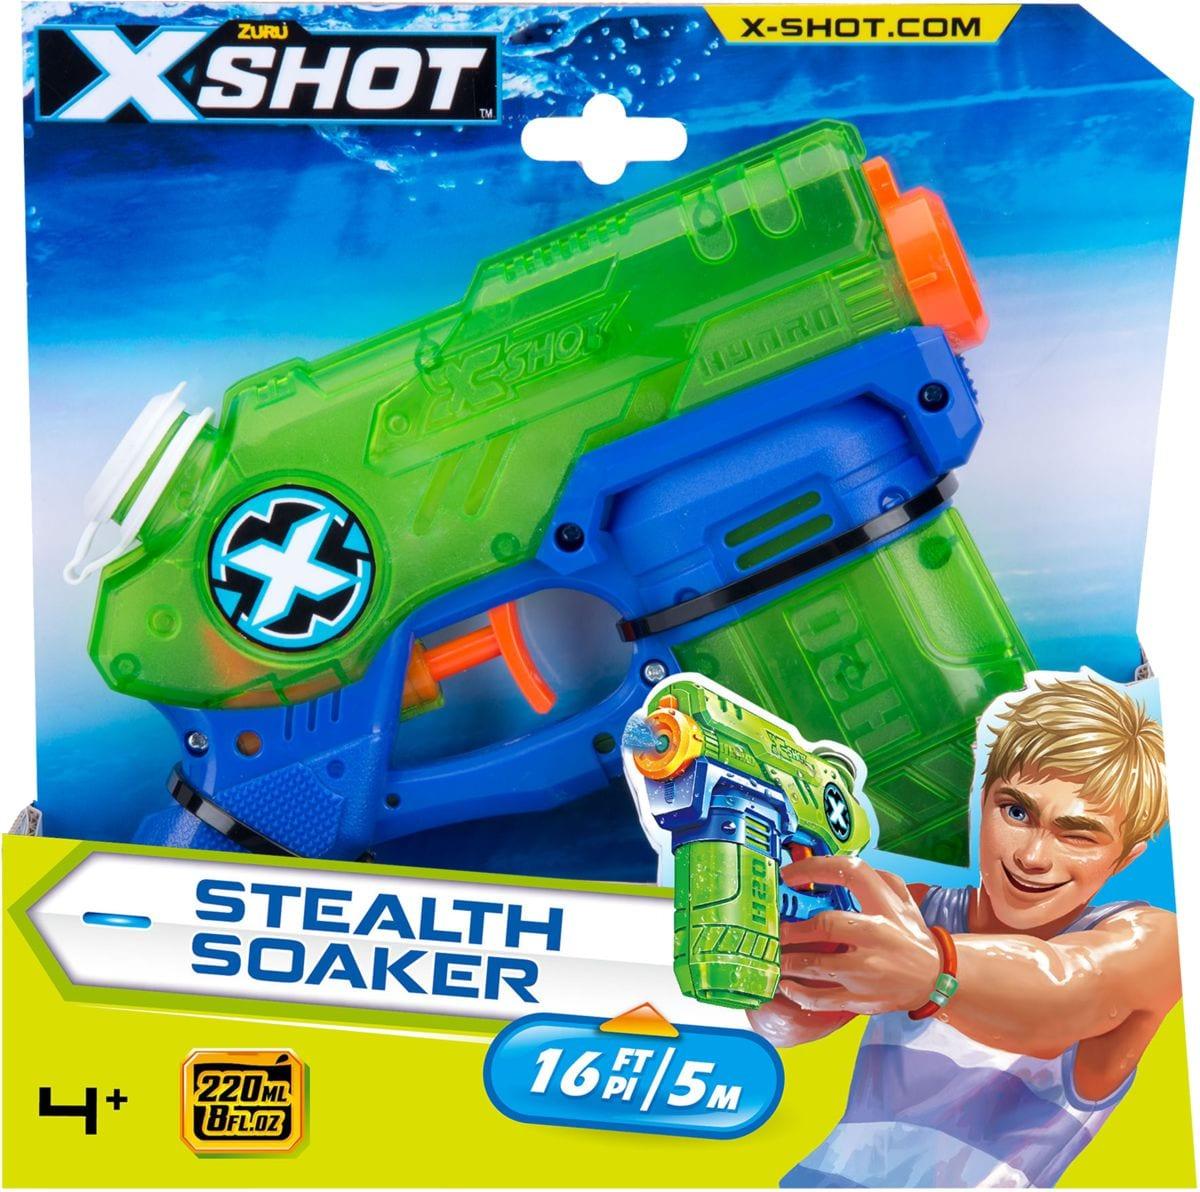 X-Shot Stealth Soaker Armi giocattolo